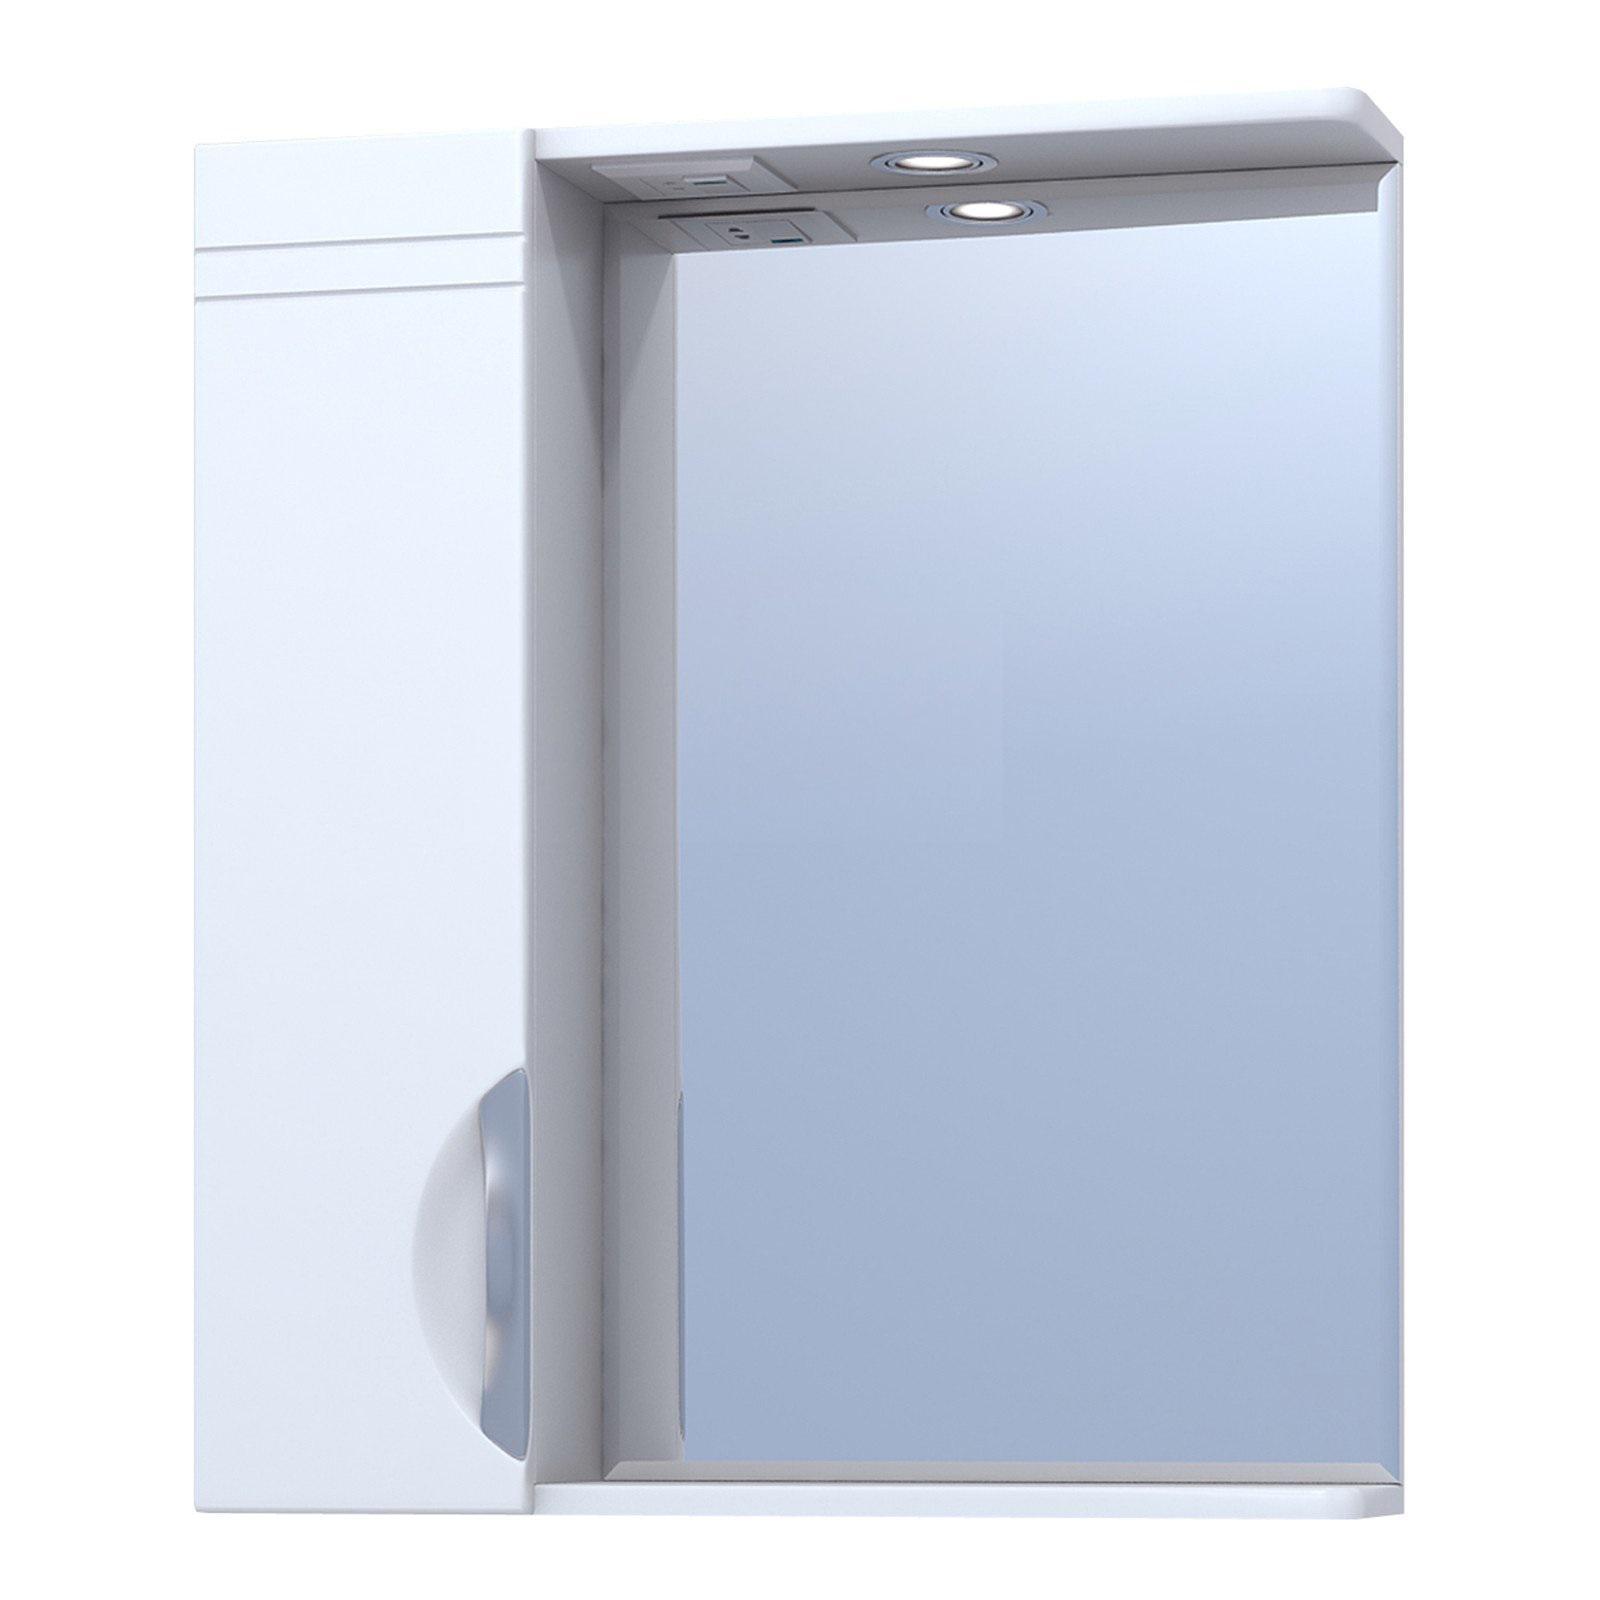 Зеркало Vigo №19-600-Л (б/э) jika тумба под раковину vigo jika напольная j 2 600 балтика 60х30х70